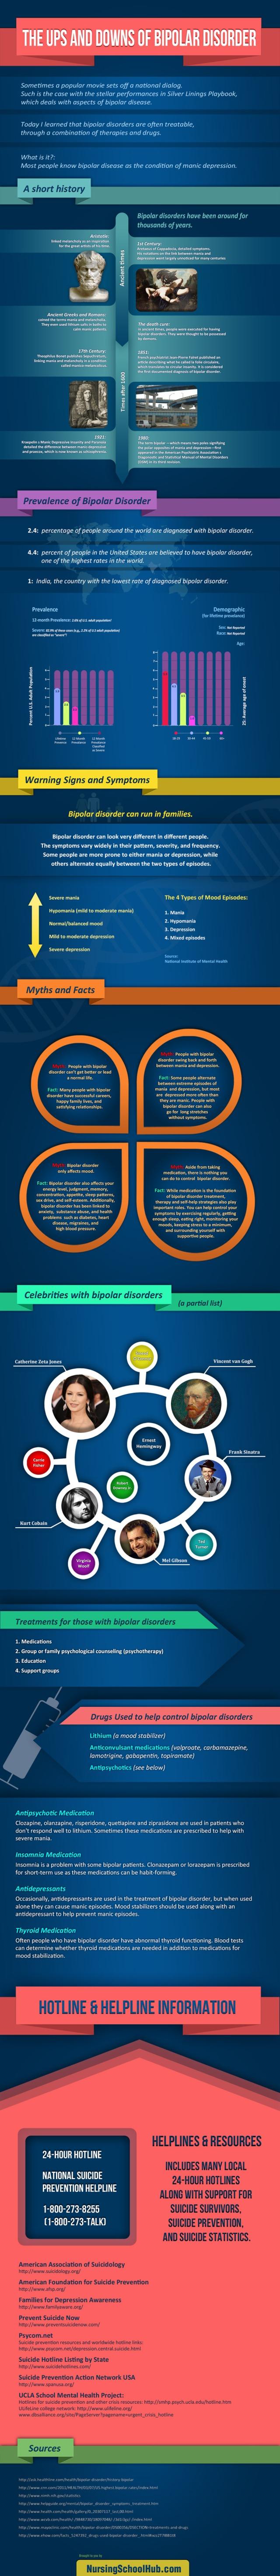 Algunos datos sobre el trastorno bipolar